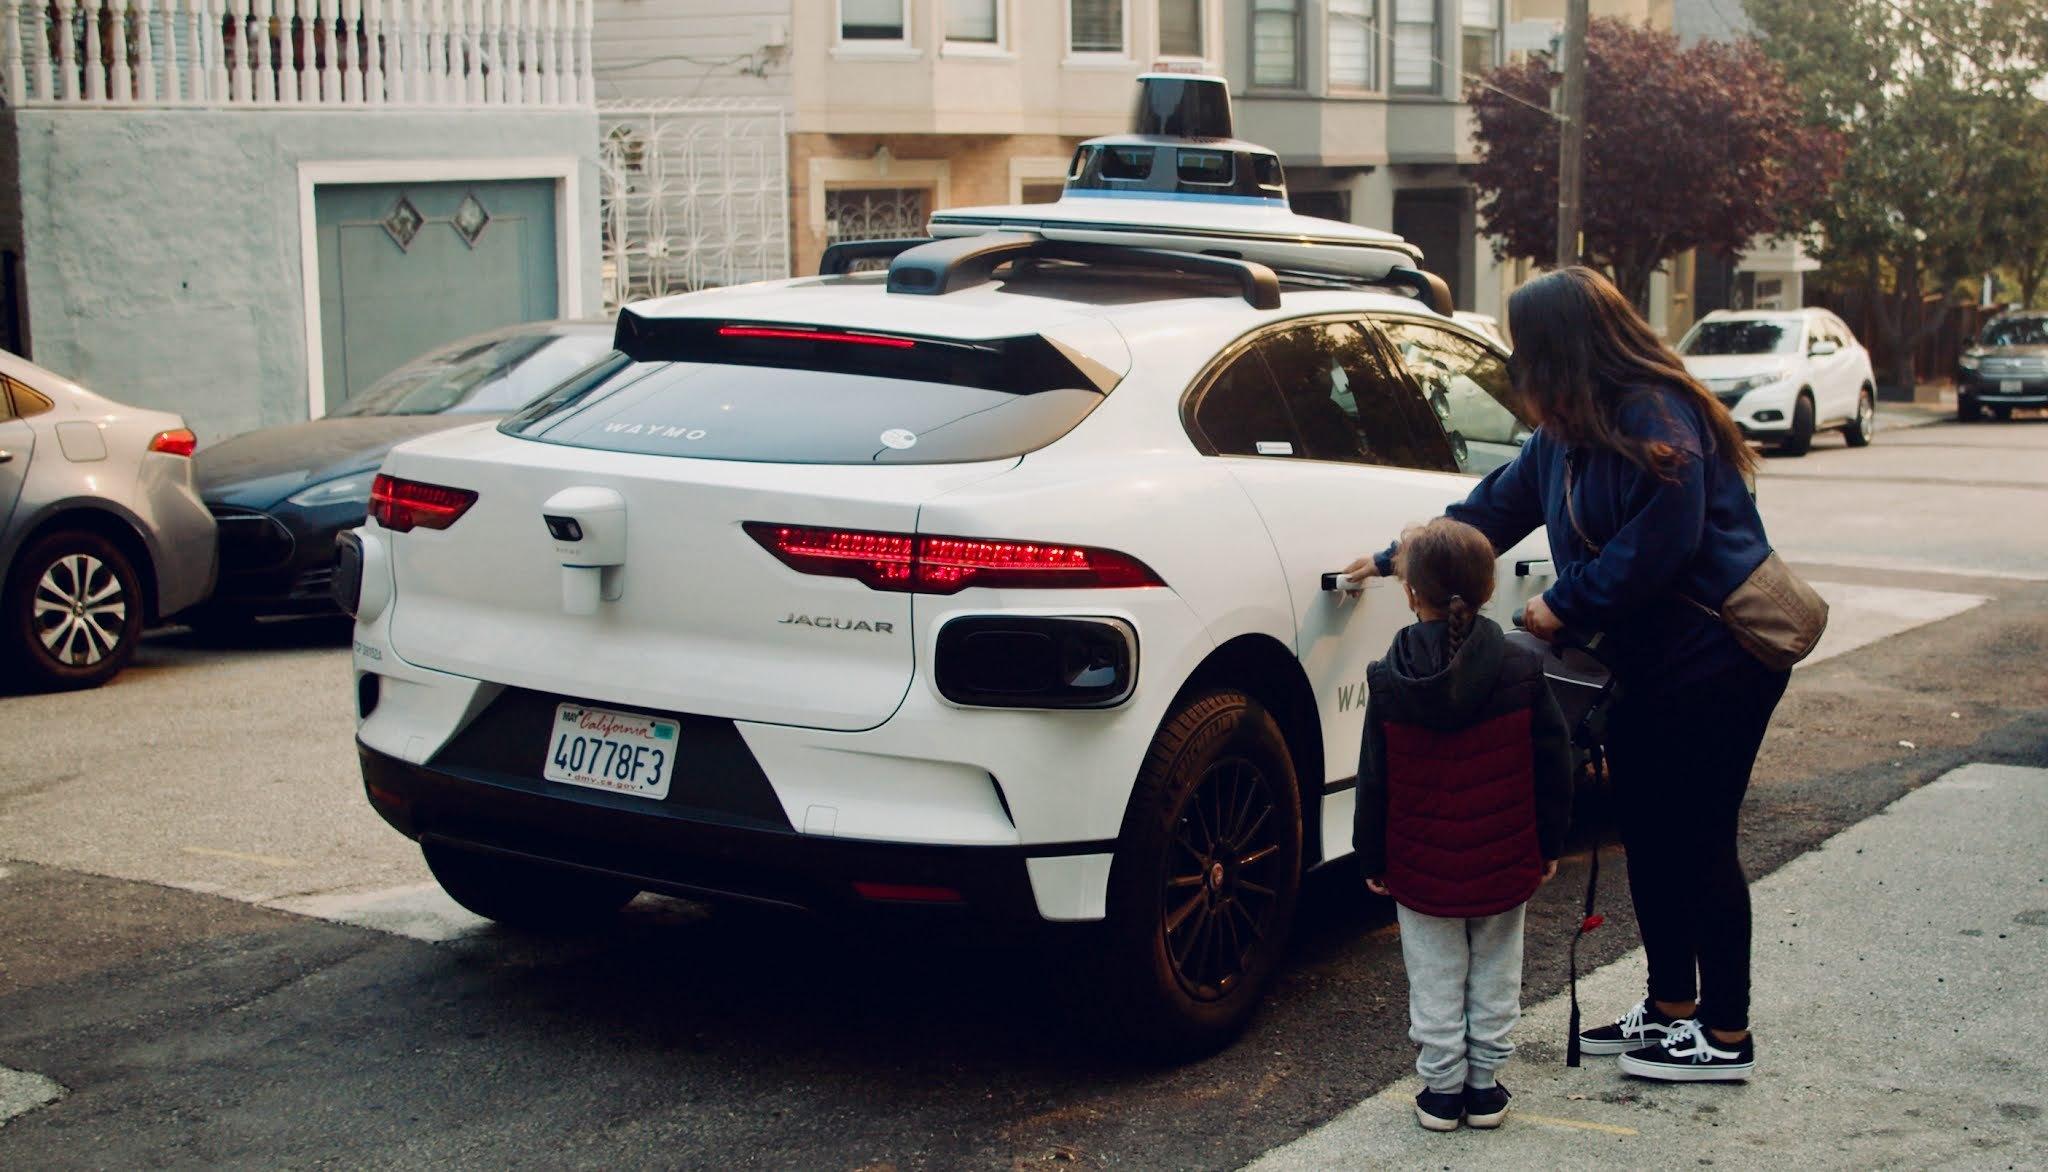 谷歌旗下Waymo自动驾驶系统首次在大城市公测